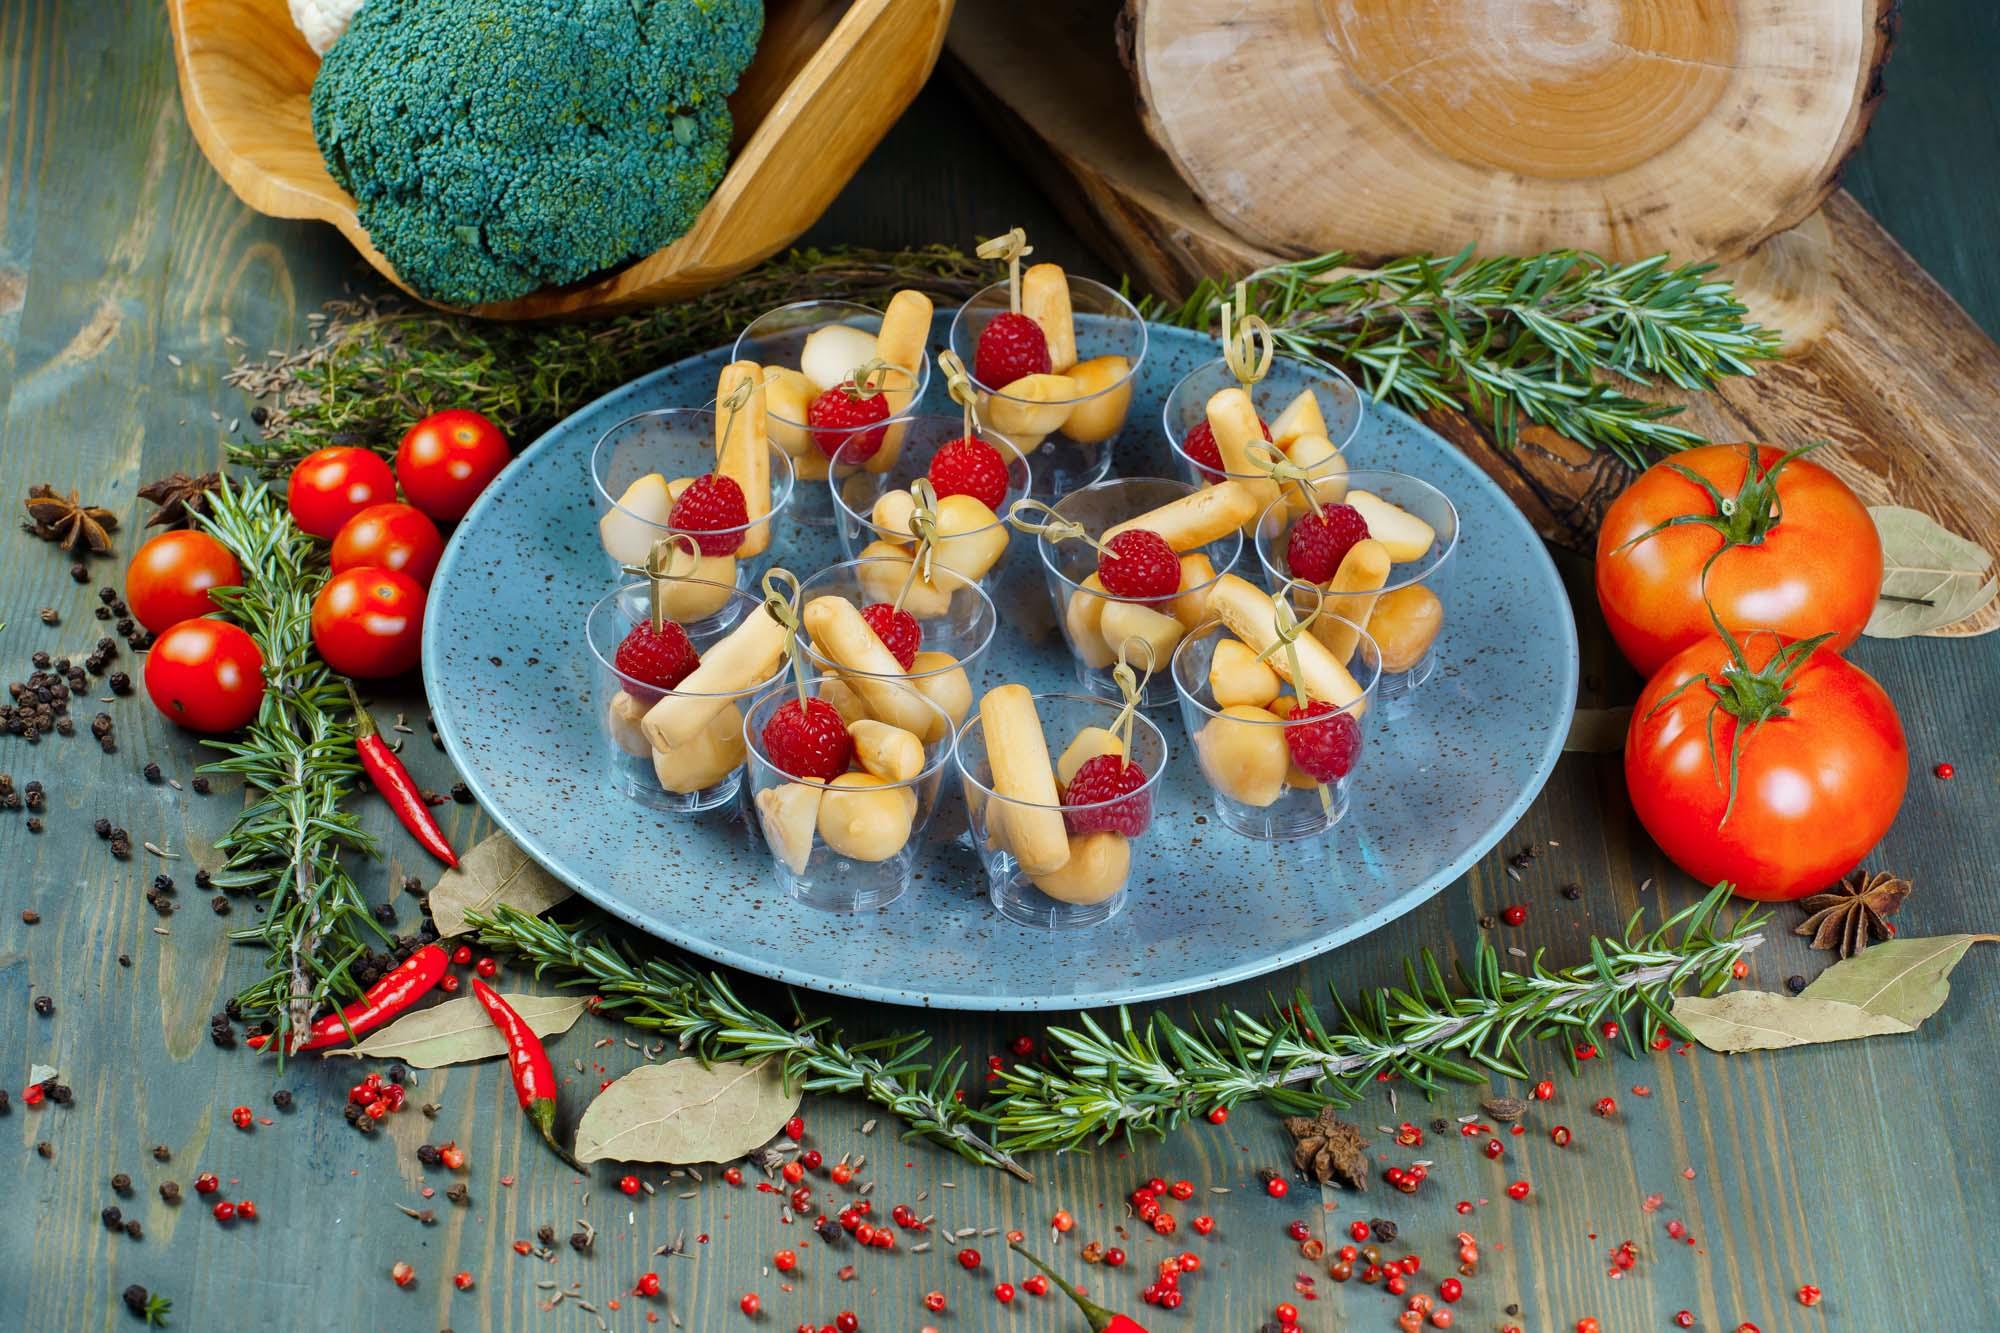 СЕТ №29 Копченый сыр «Боккончини» с малиной 12 шт по 25 гр